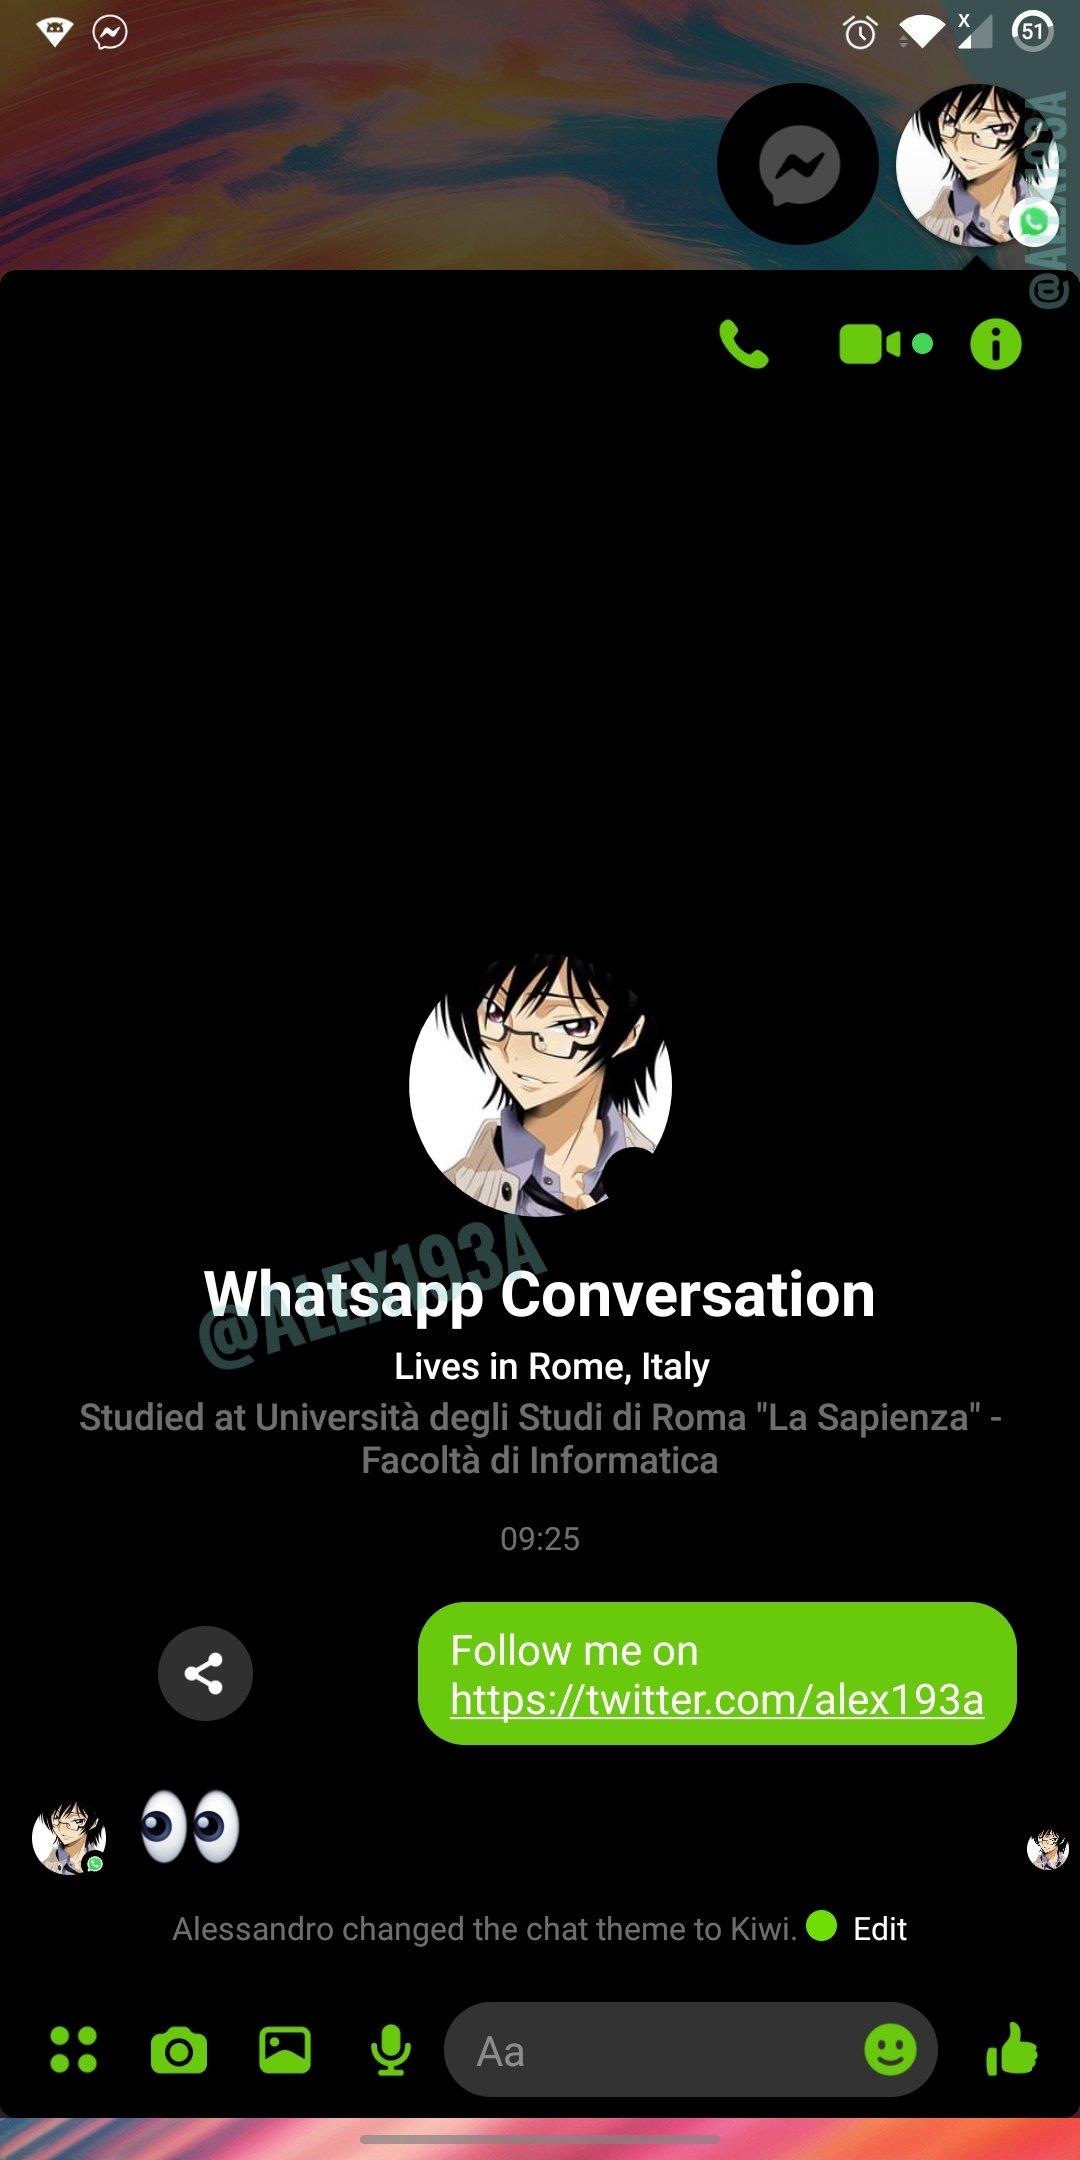 funcionamento das mensagens no whatsapp pelo messenger